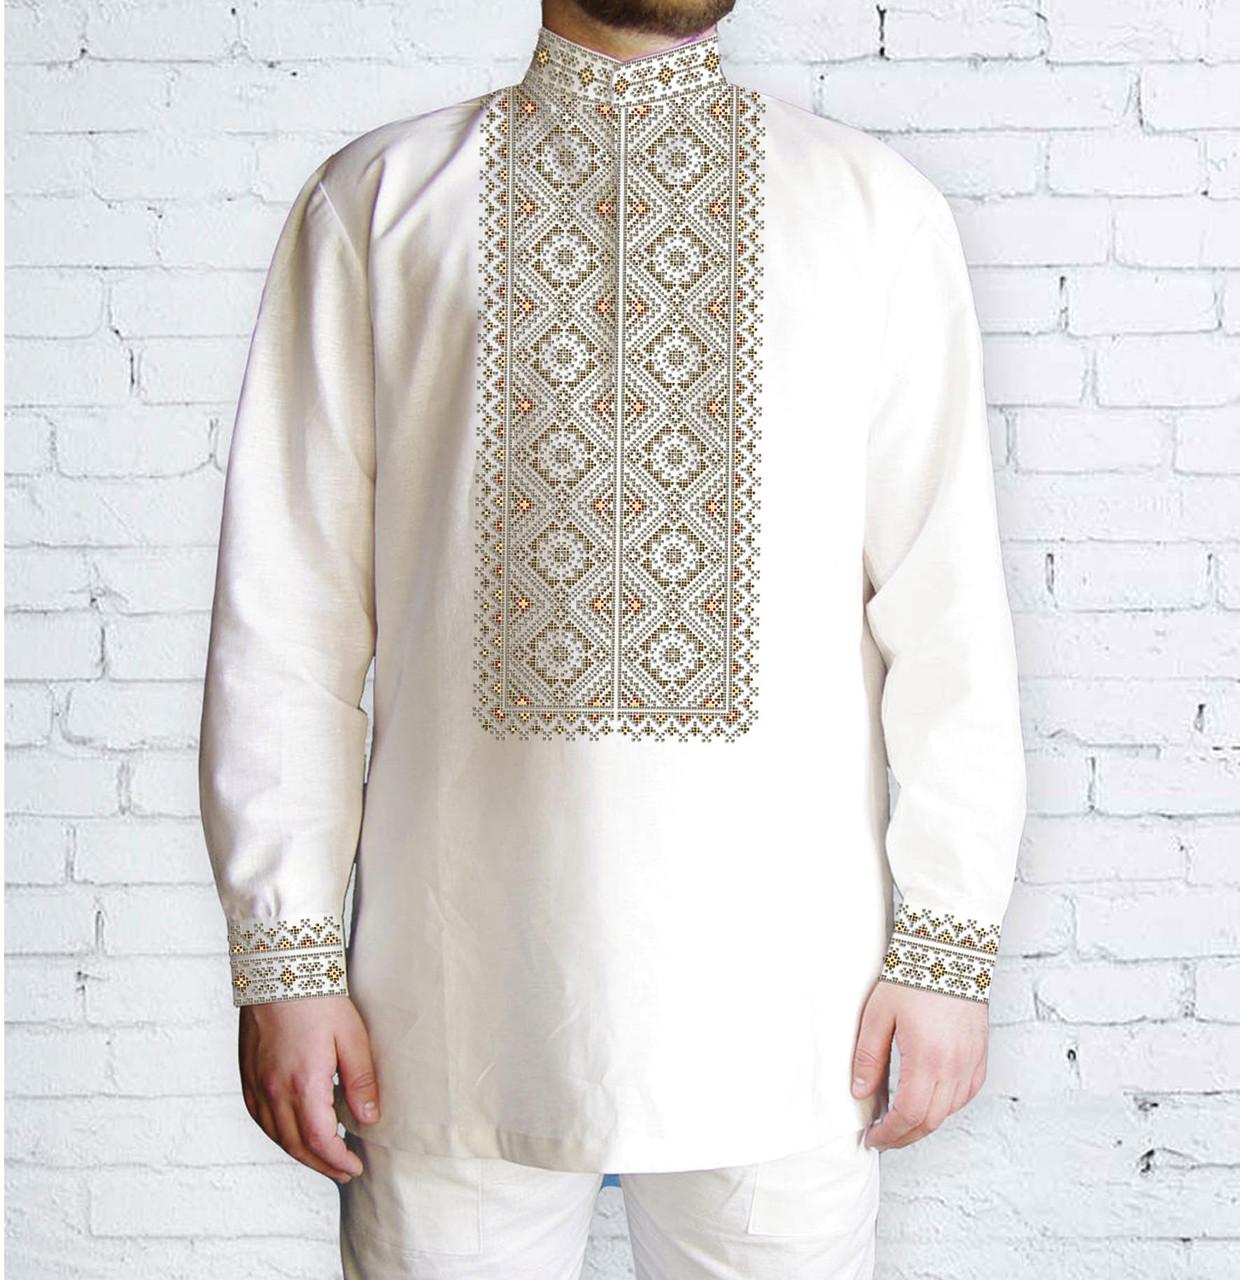 Заготовка чоловічої сорочки та вишиванки для вишивки чи вишивання бісером Бисерок «Орнамент 572 К» (Ч-572 К )